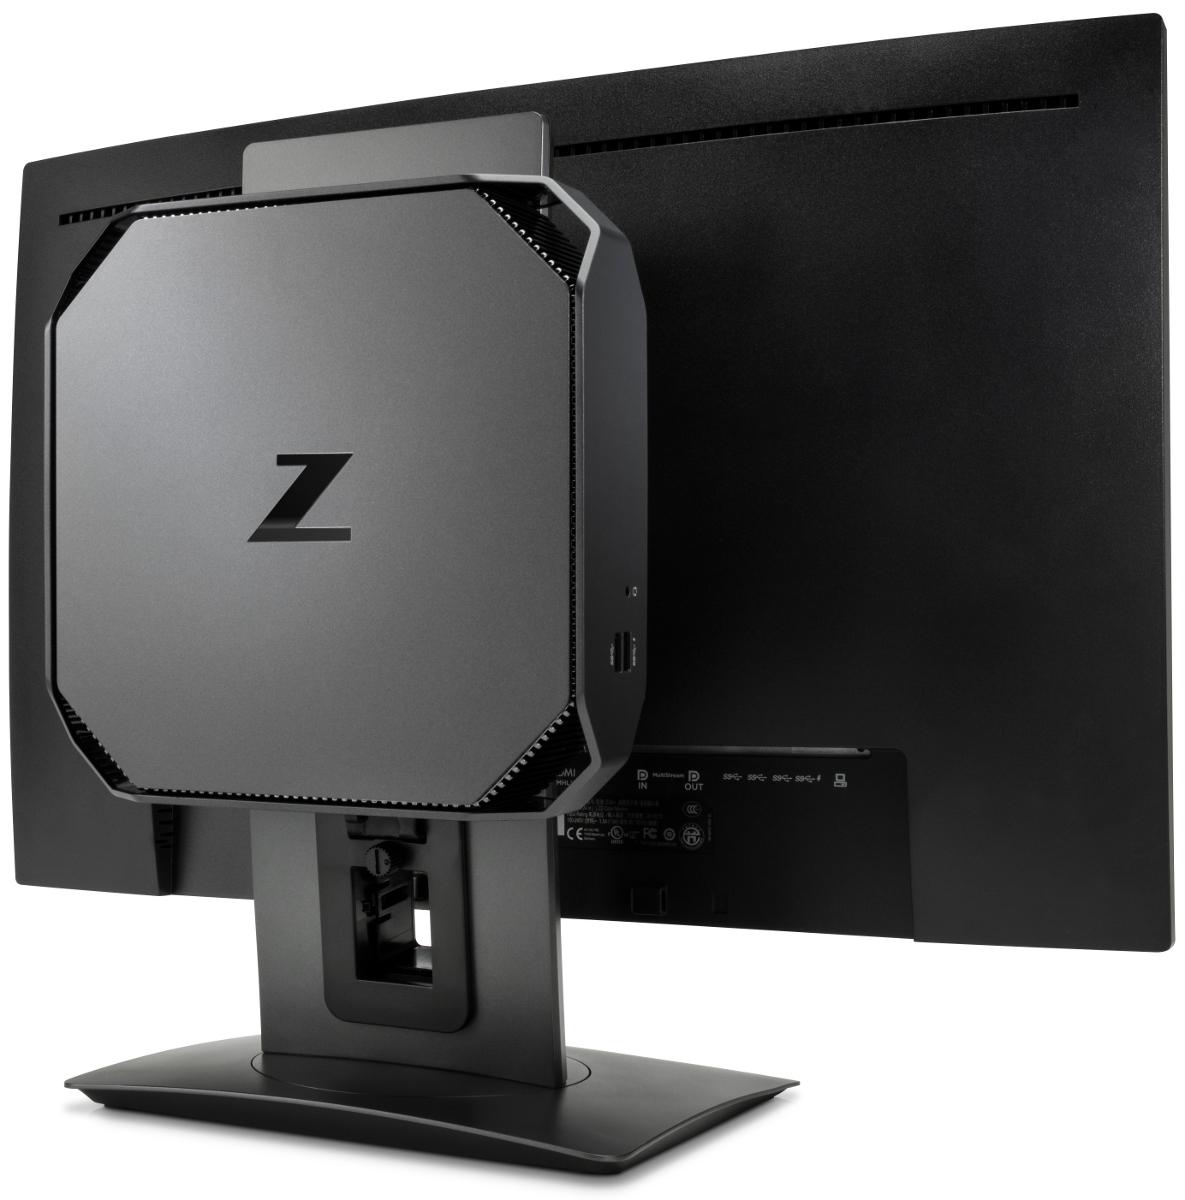 Na rynku oprócz tradycyjnych laptopów i komputerów biznesowych można od pewnego czasu znaleźć też tak zwane minikomputery